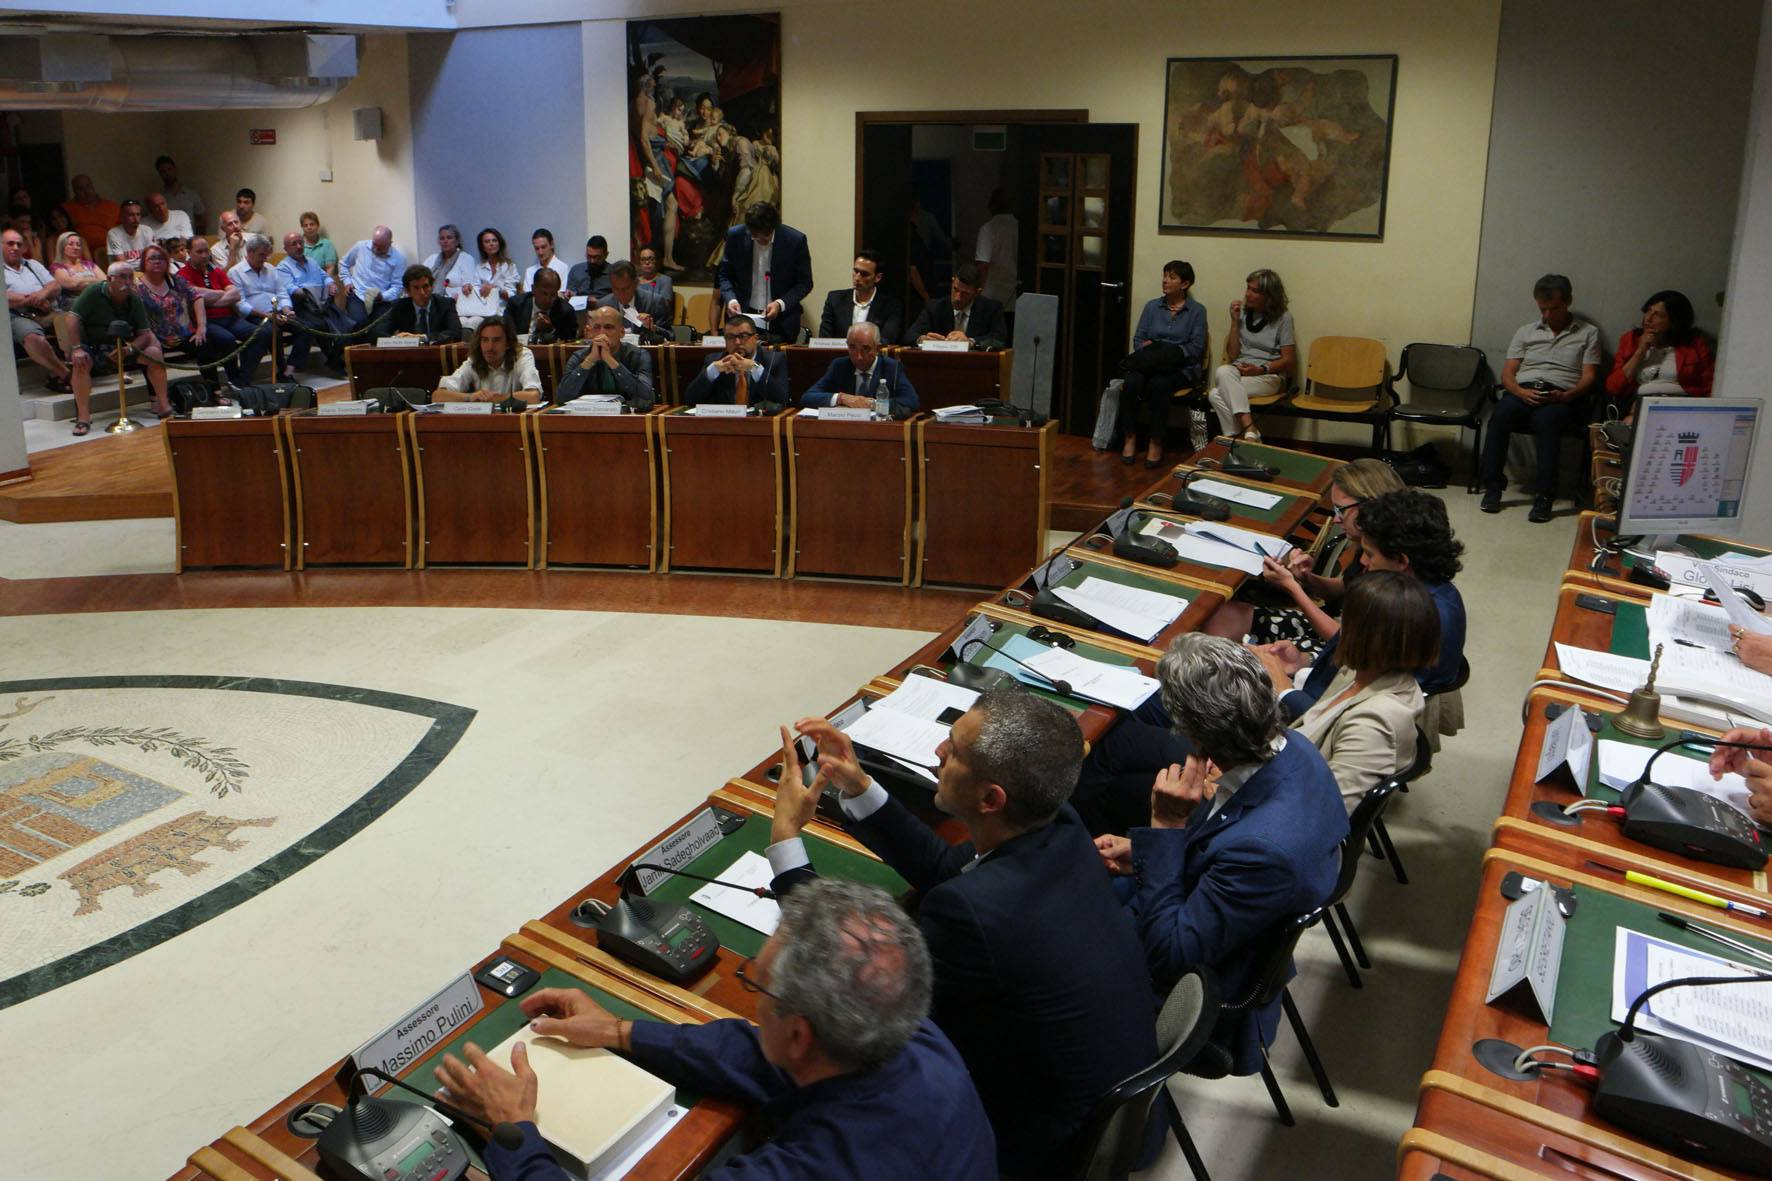 Il Consiglio Comunale di Rimini torna a riunirsi. Diretta su Icaro 211